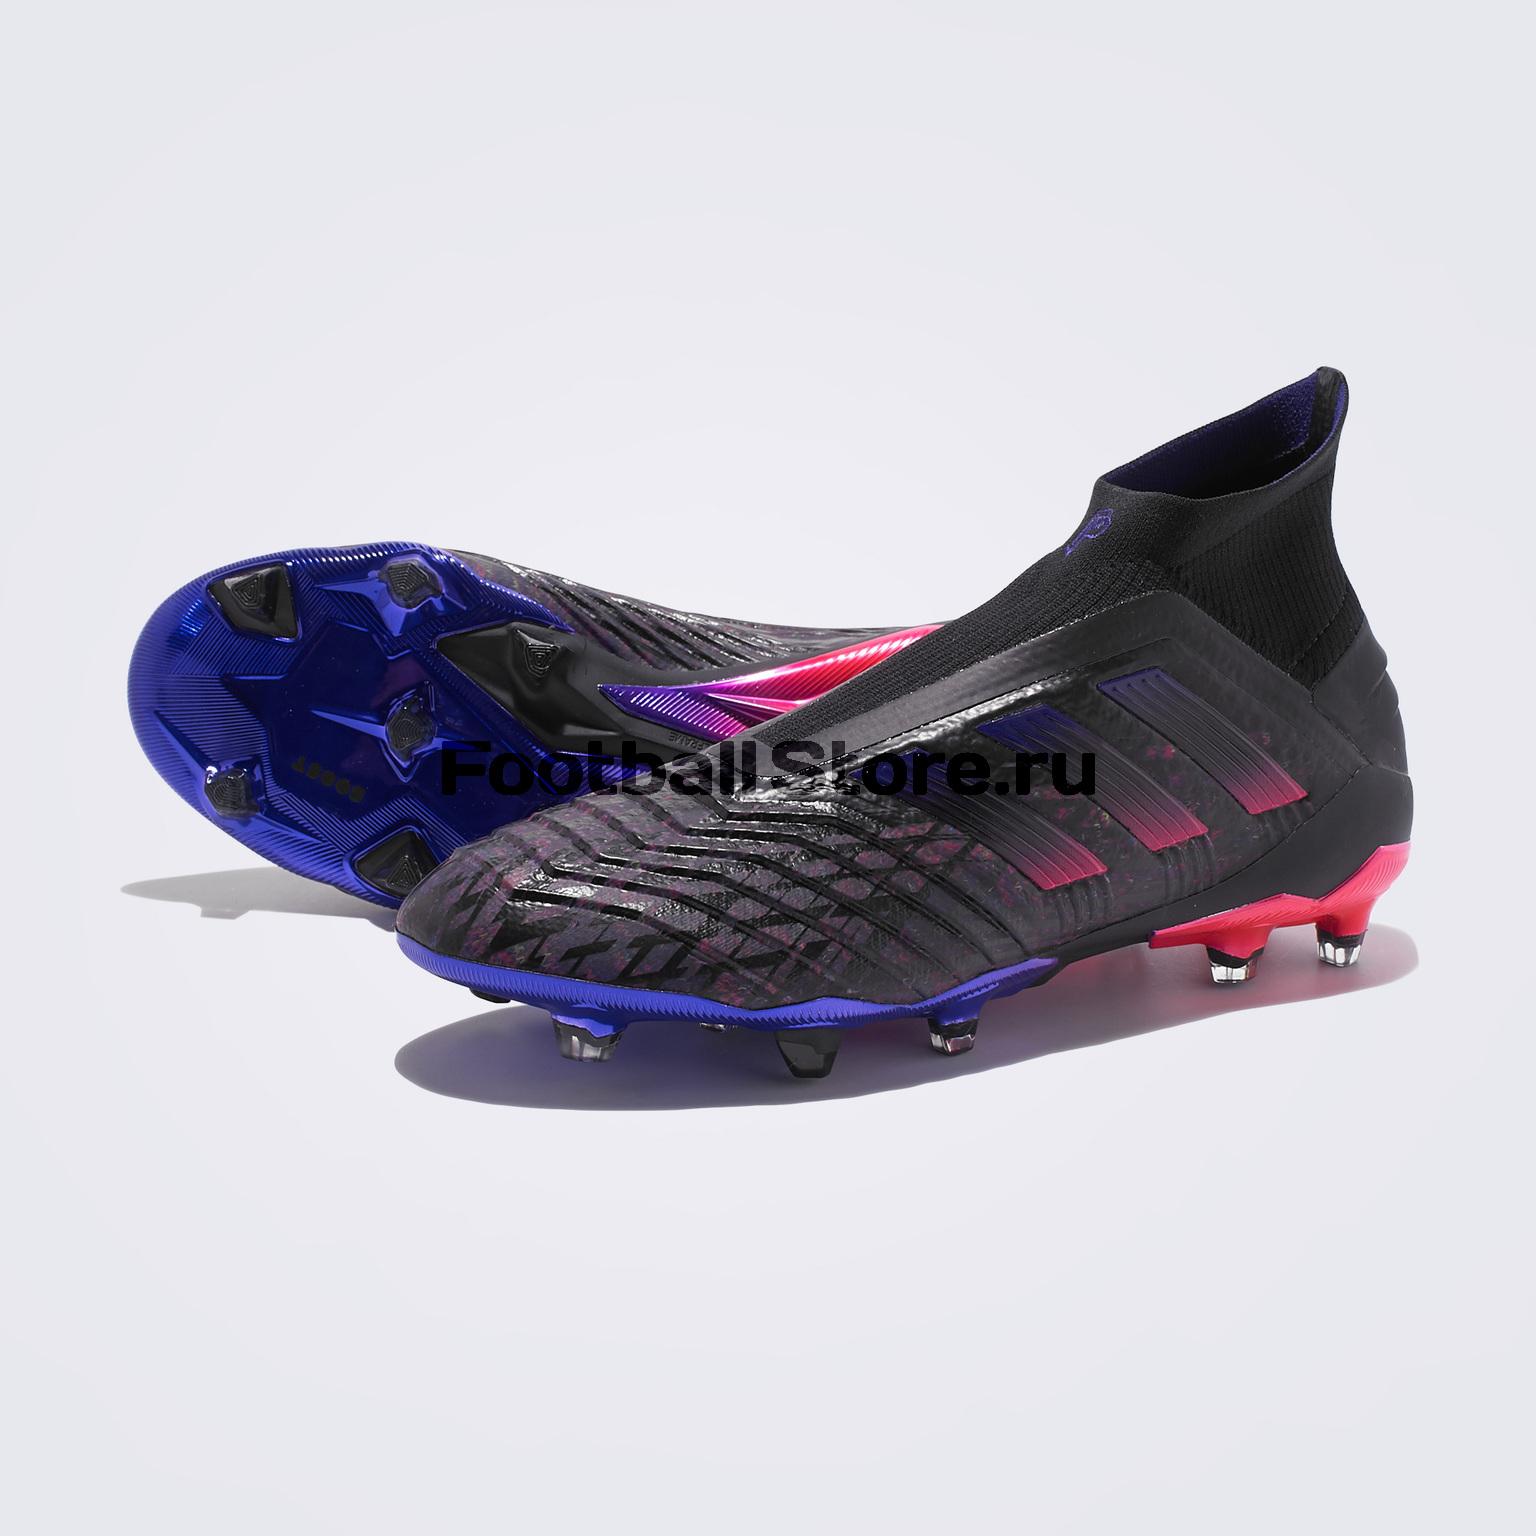 Бутсы Adidas Predator 19+ FG PP EE7844 бутсы adidas predator 18 3 fg db2001